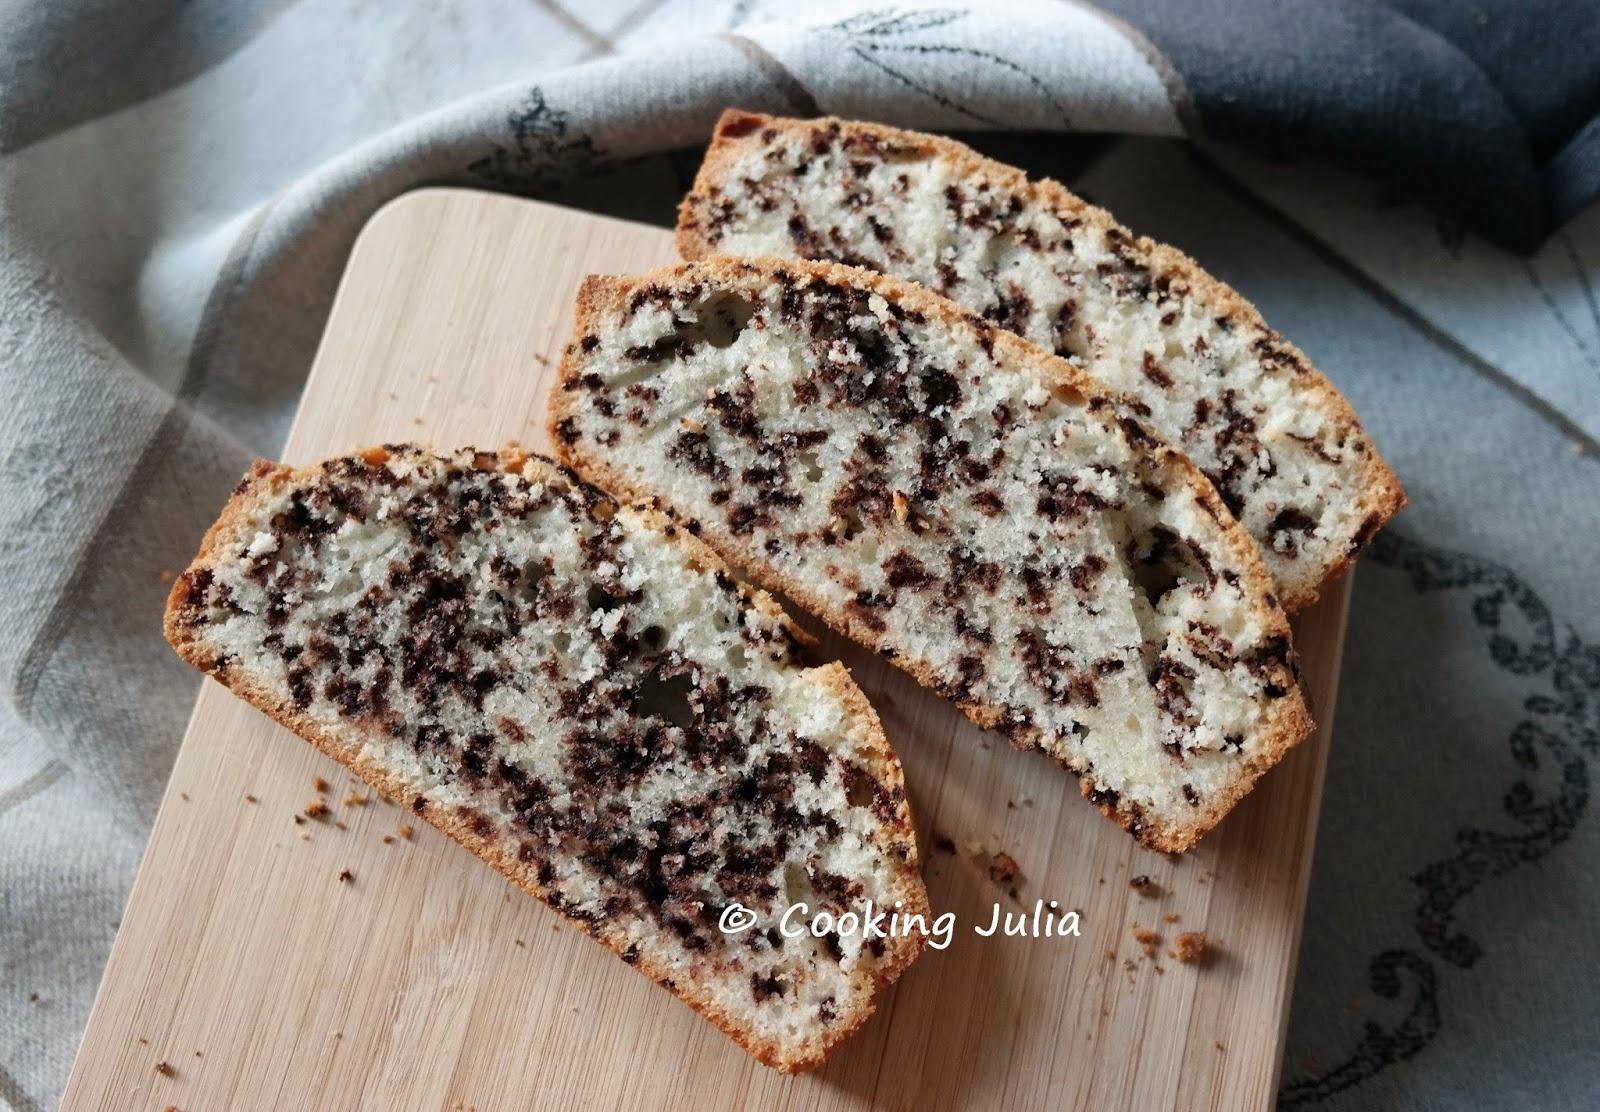 Cooking julia cake financier aux fourmis - Fourmis dans la cuisine ...